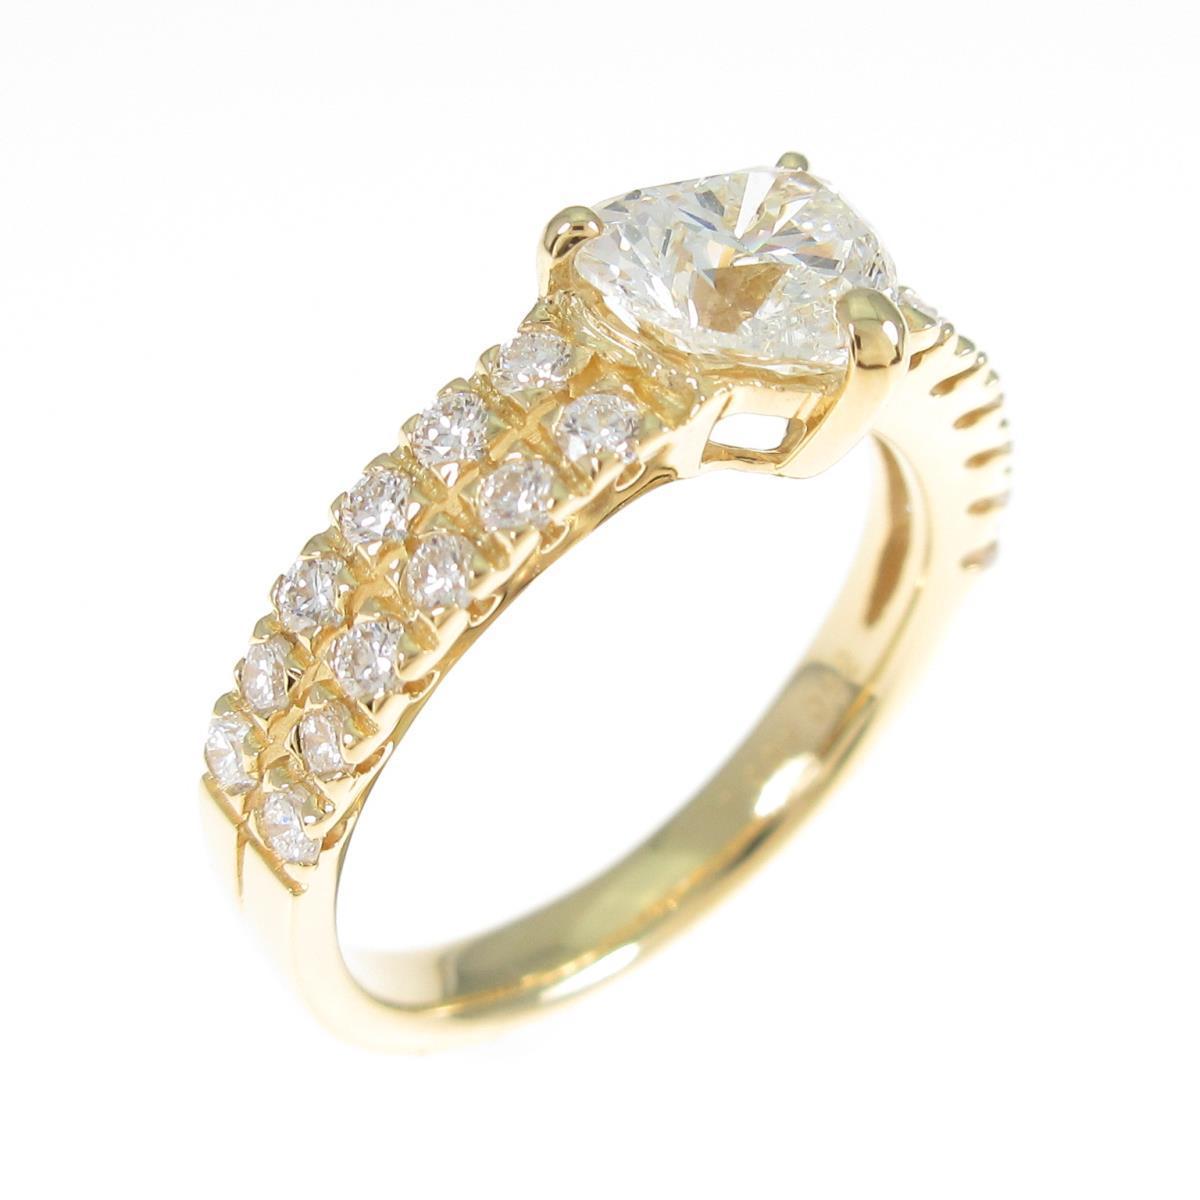 【リメイク】K18YG ダイヤモンドリング 1.001ct・H・SI1・ハートシェイプ【中古】